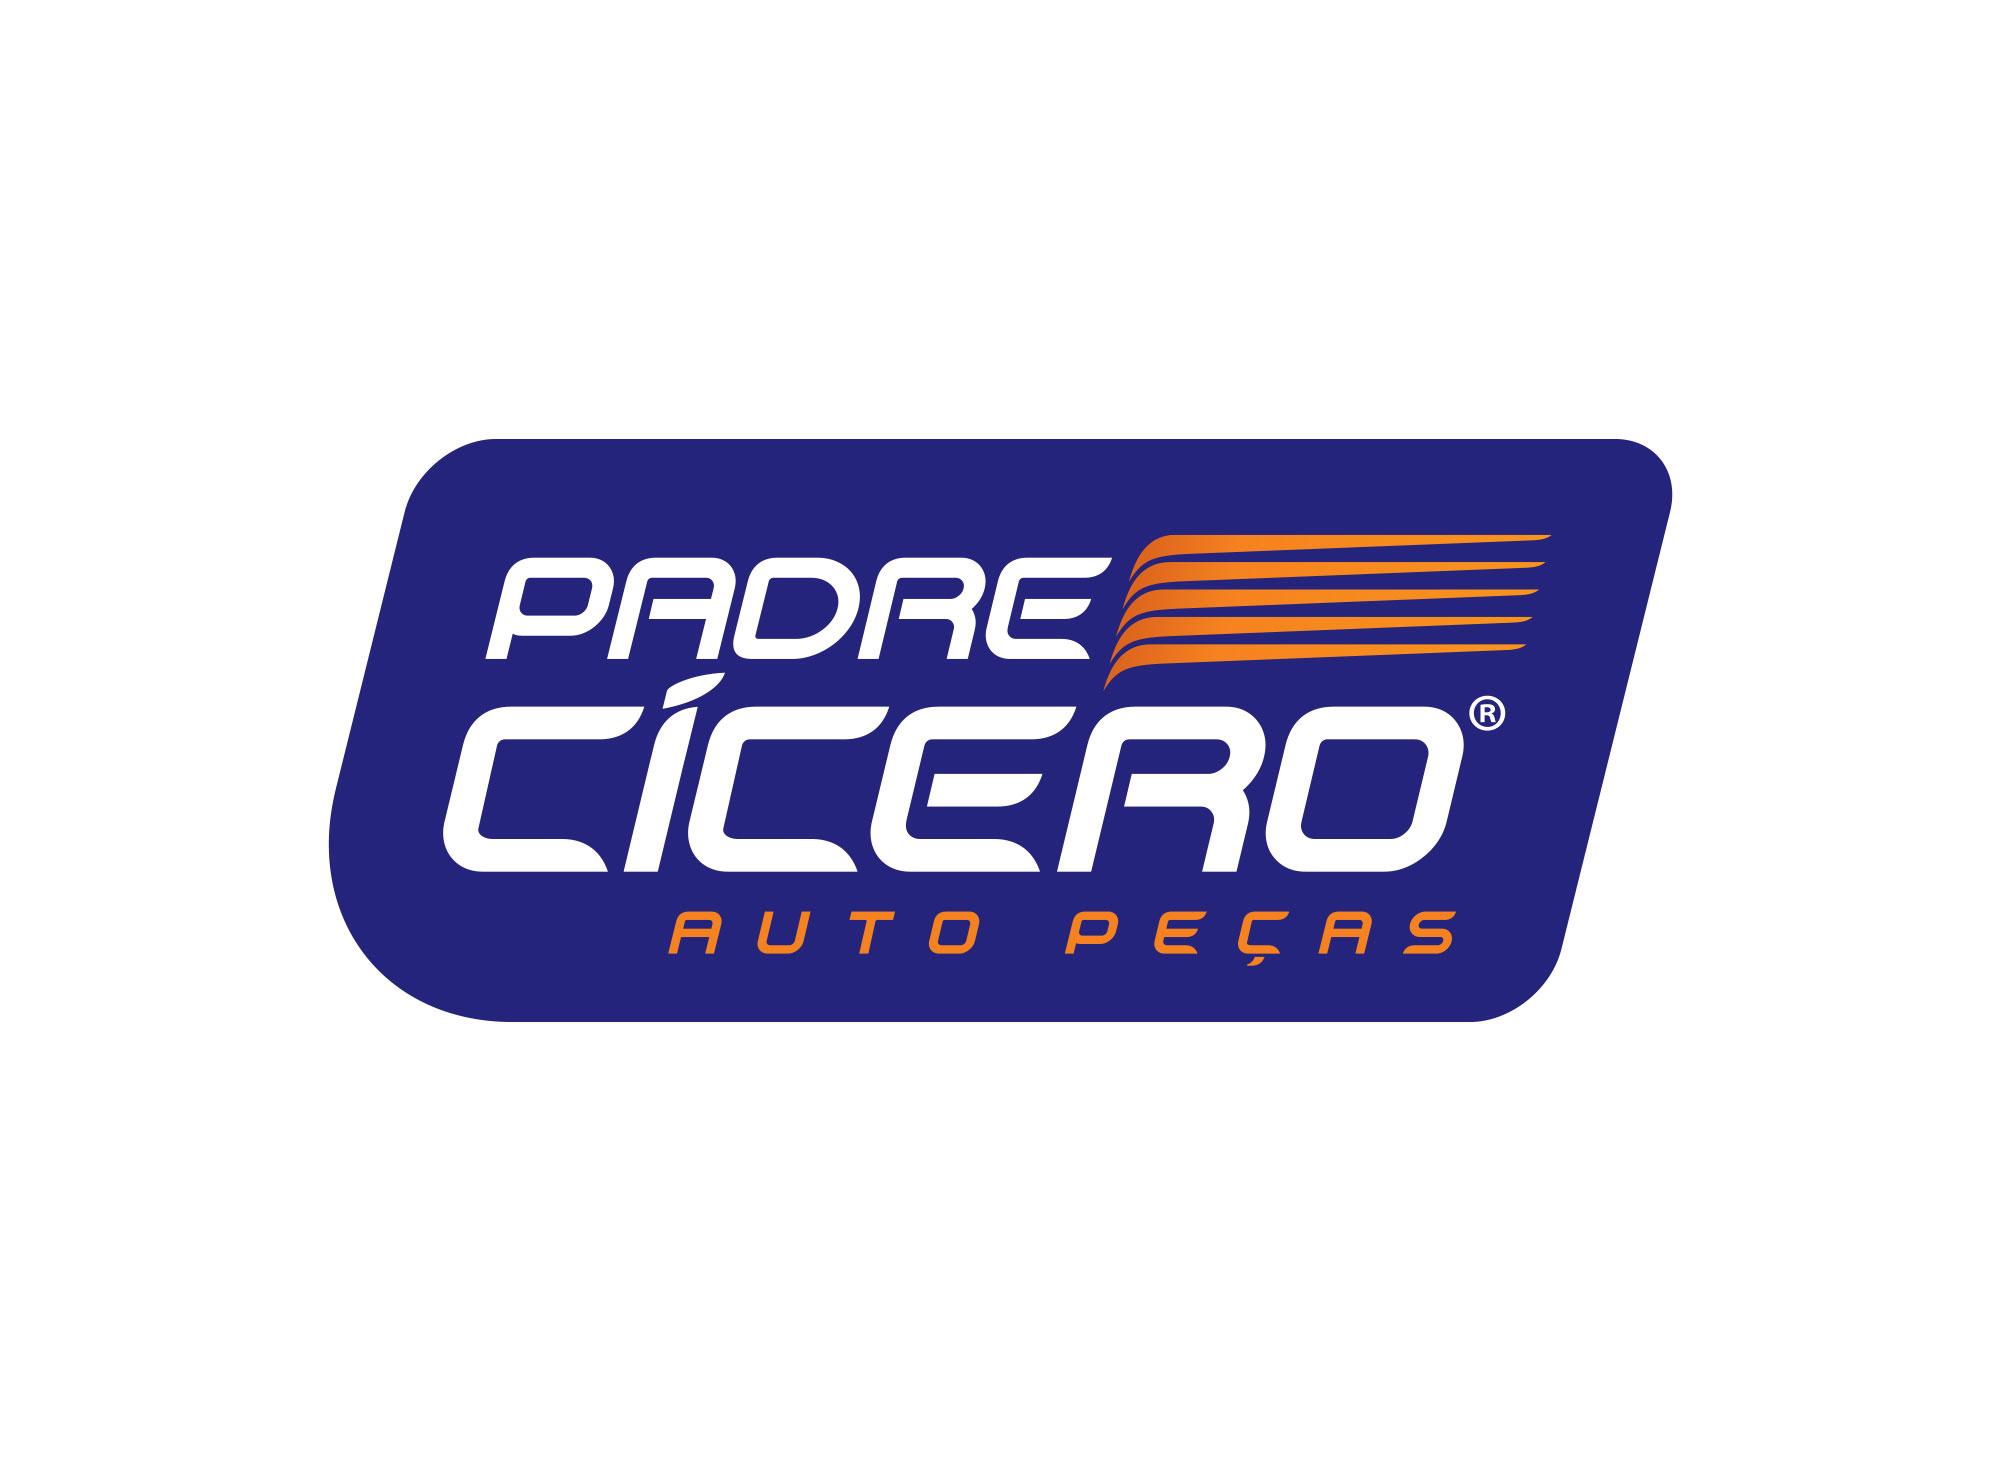 padre-cicero-autopecas-cliente-portfolio-agencia-diretriz-digital-marketing-fortaleza